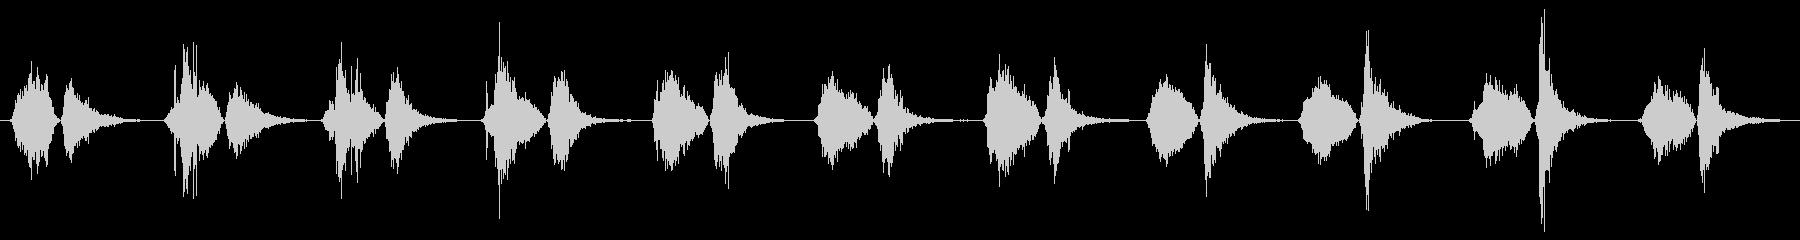 モンスター いびき02の未再生の波形